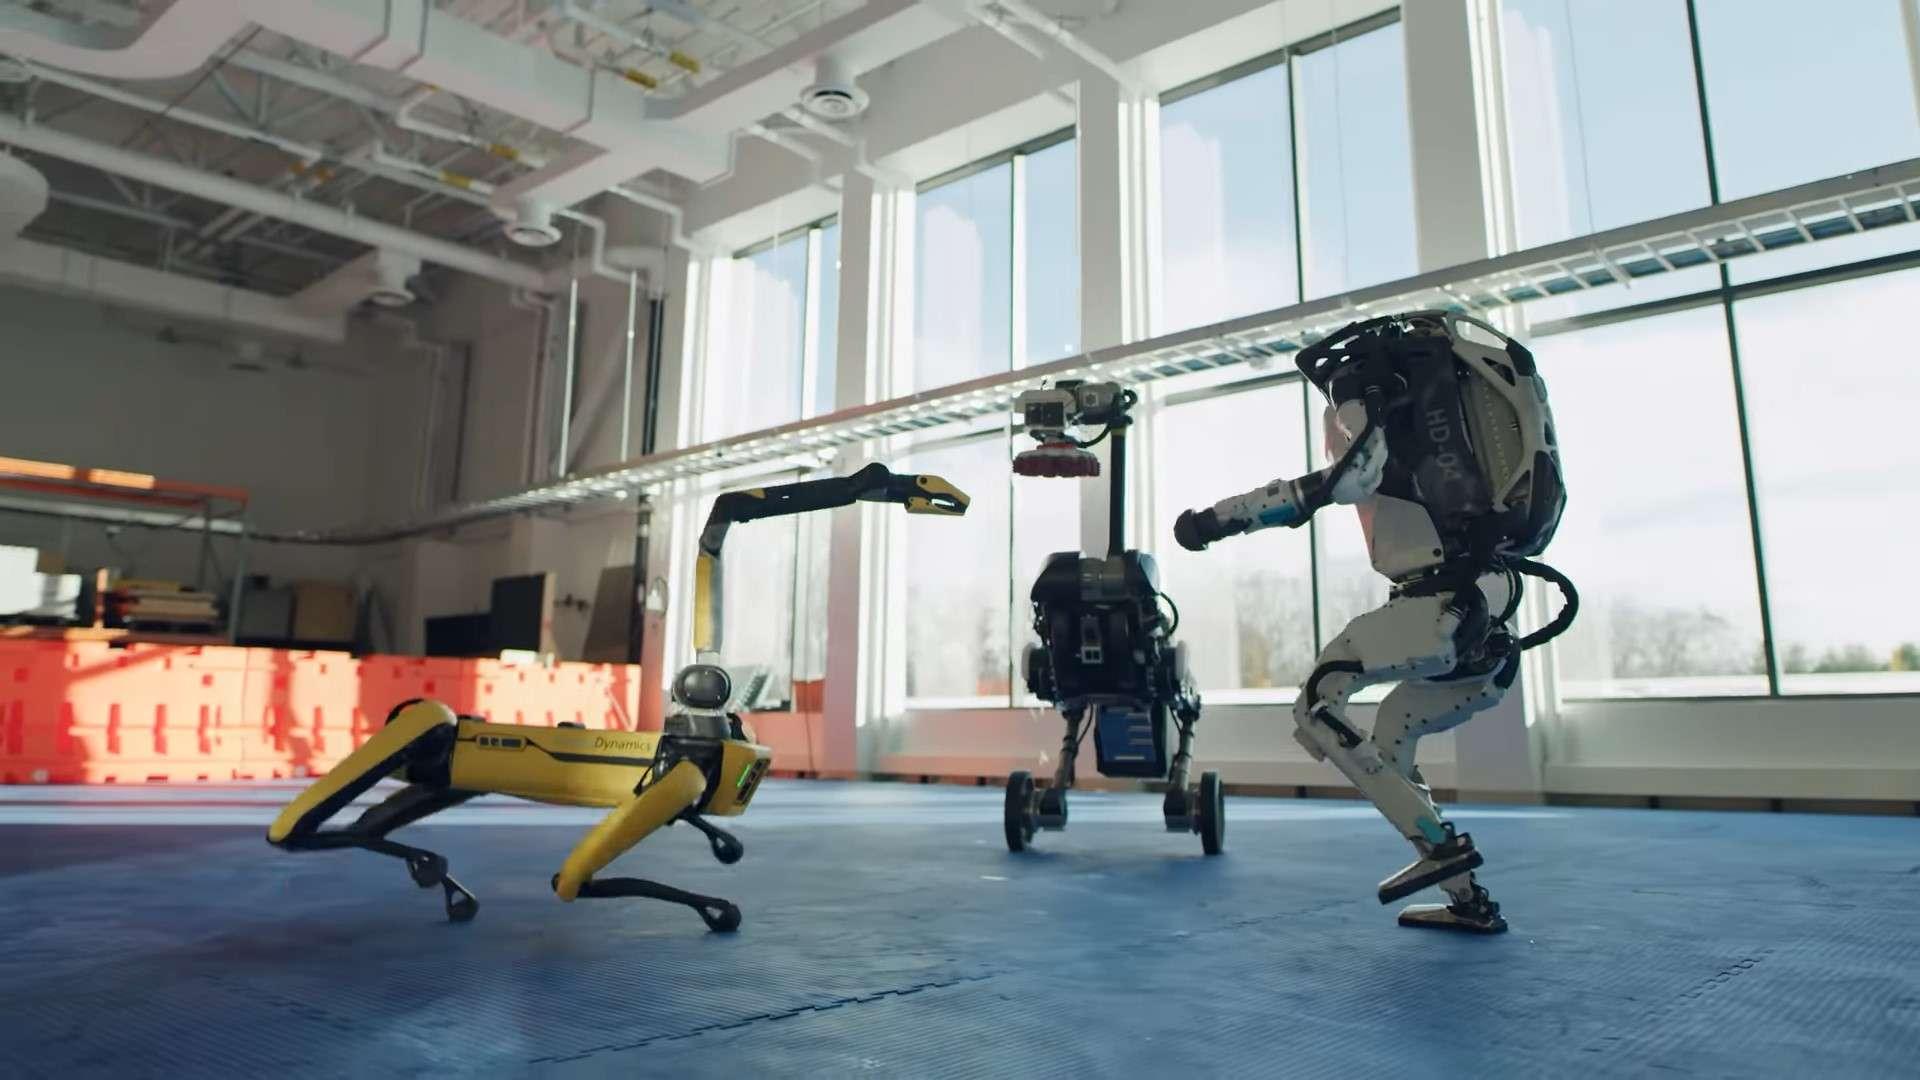 Les robots Atlas, Spot et Handle dansent sur la chanson Do You Love Me de The Contours. © Boston Dynamics